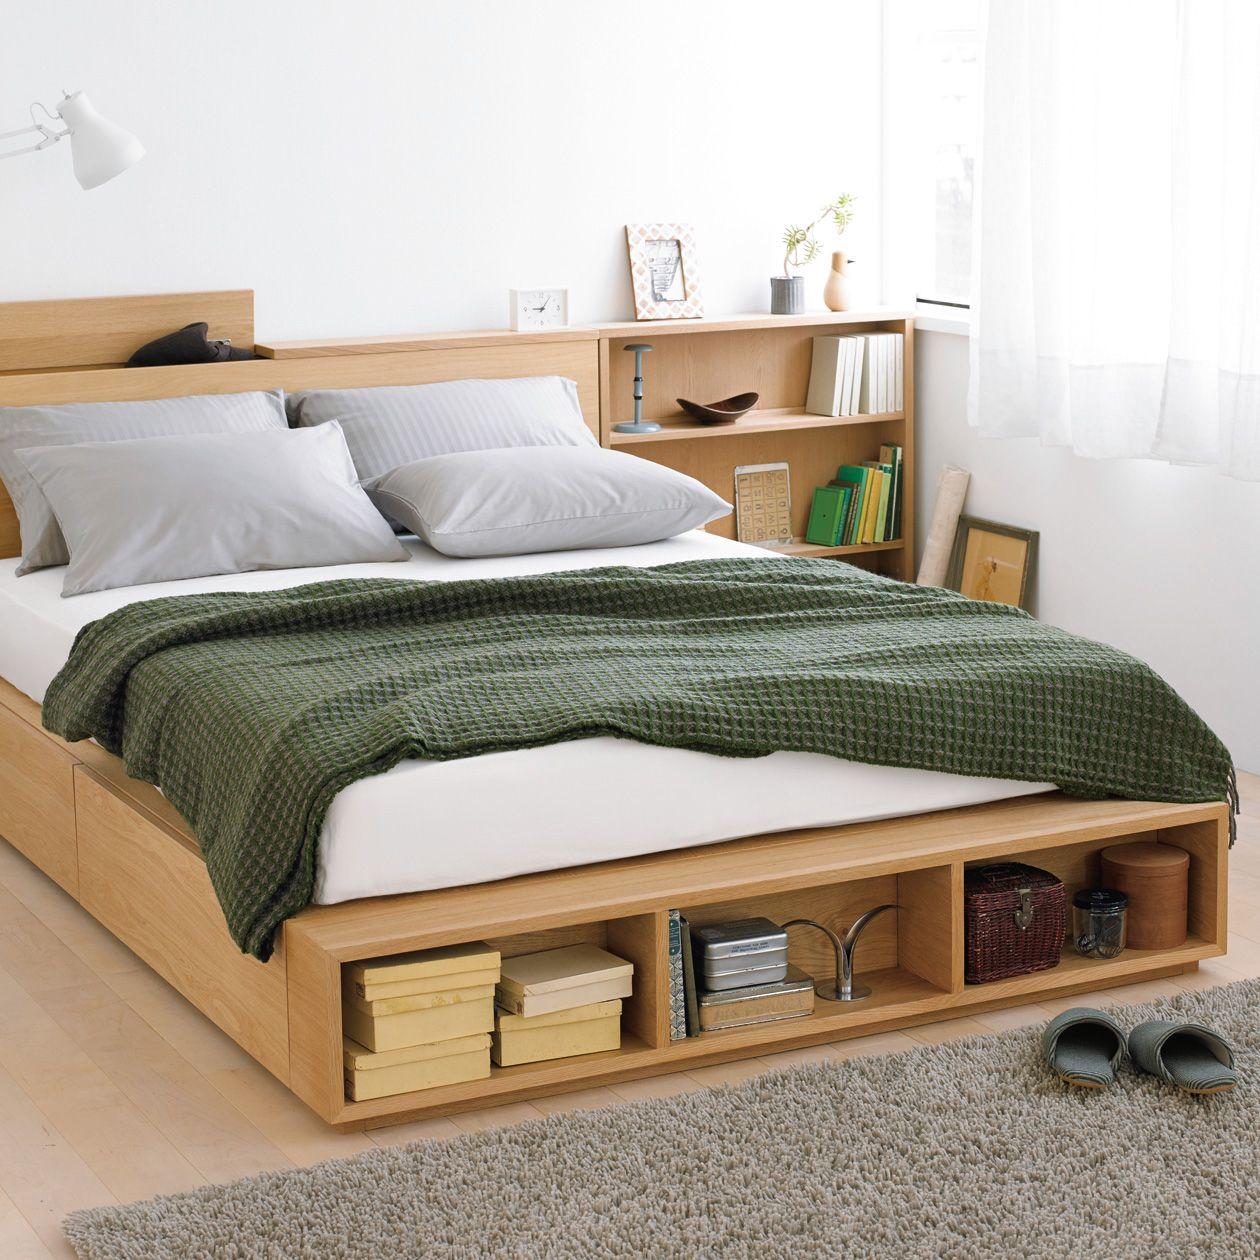 les 25 meilleures id es de la cat gorie lit avec double placards de rangement sur pinterest. Black Bedroom Furniture Sets. Home Design Ideas